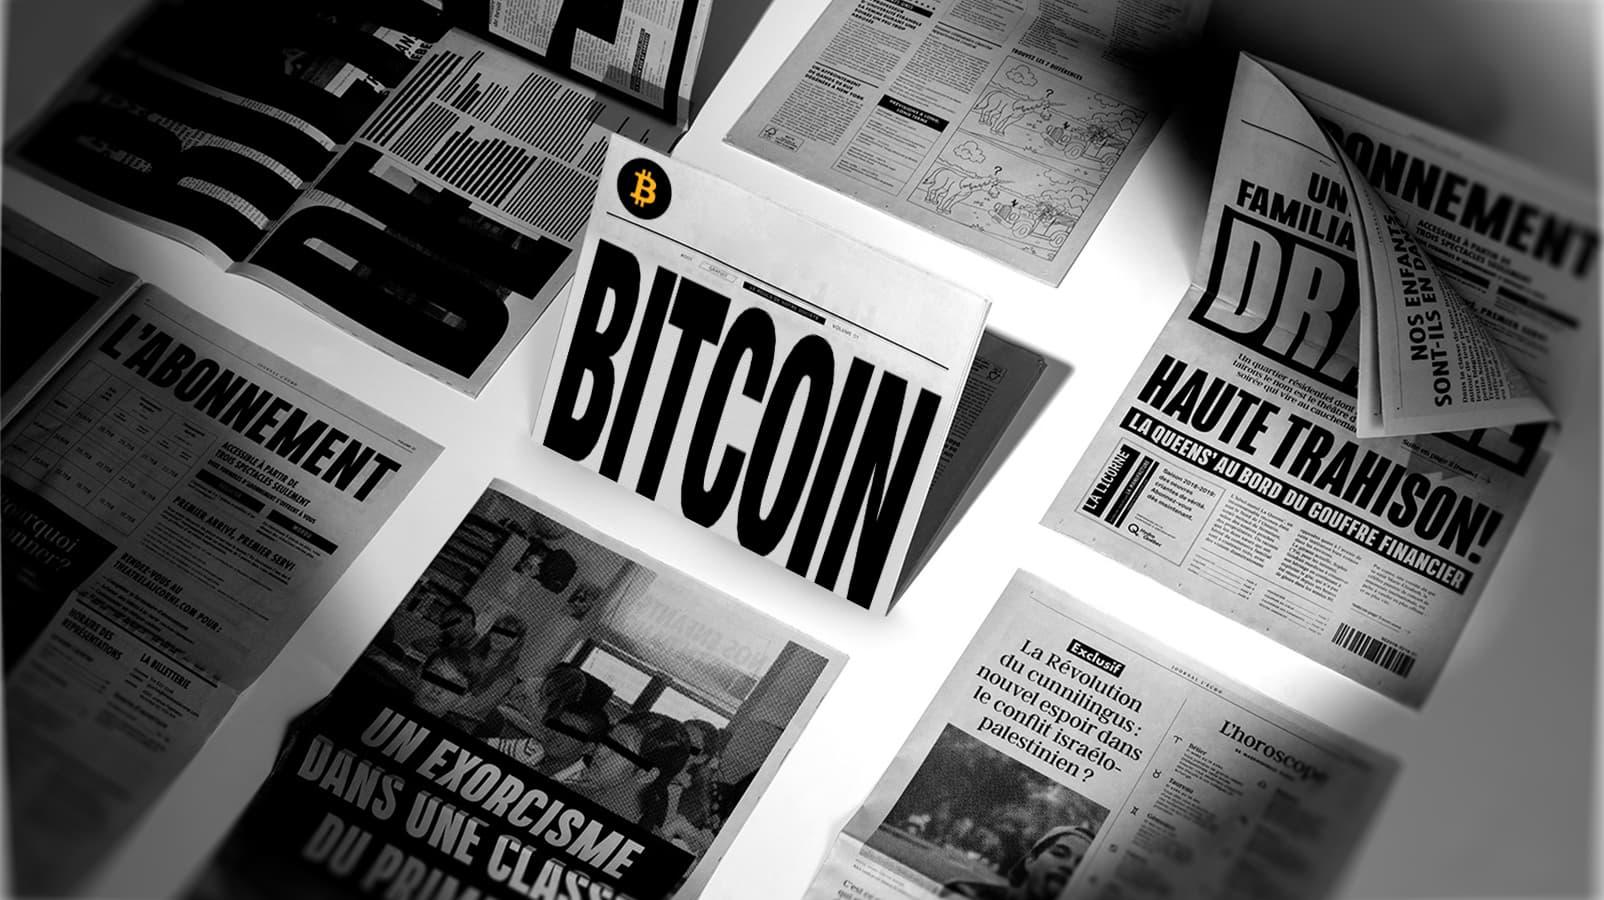 三分钟速览区块链今日好文:解读 DeFi 并购运动,Coin Metrics 分析稳定币热力图